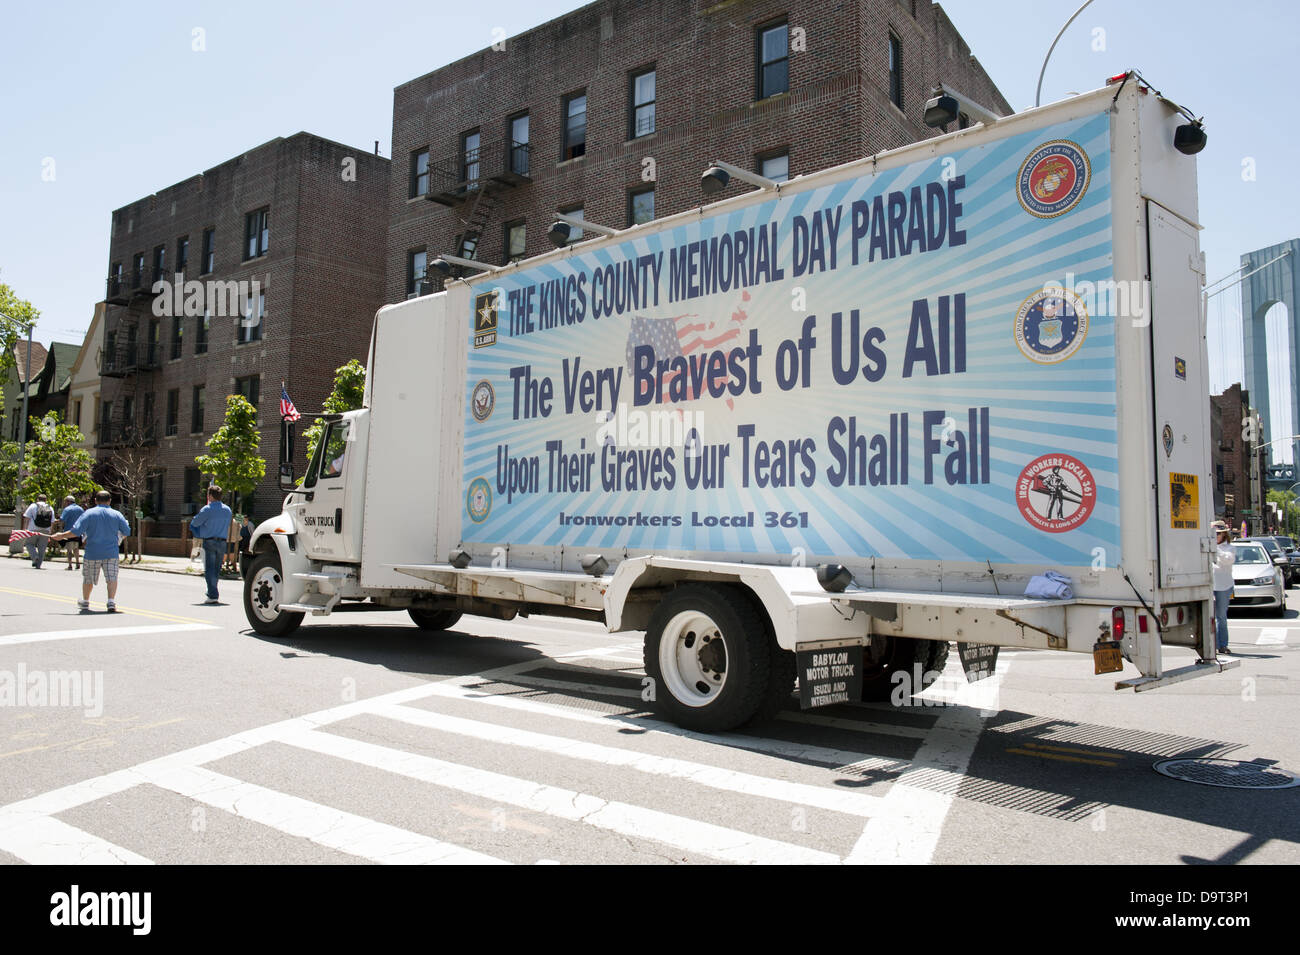 Ny Truck Stock Photos & Ny Truck Stock Images - Page 2 - Alamy